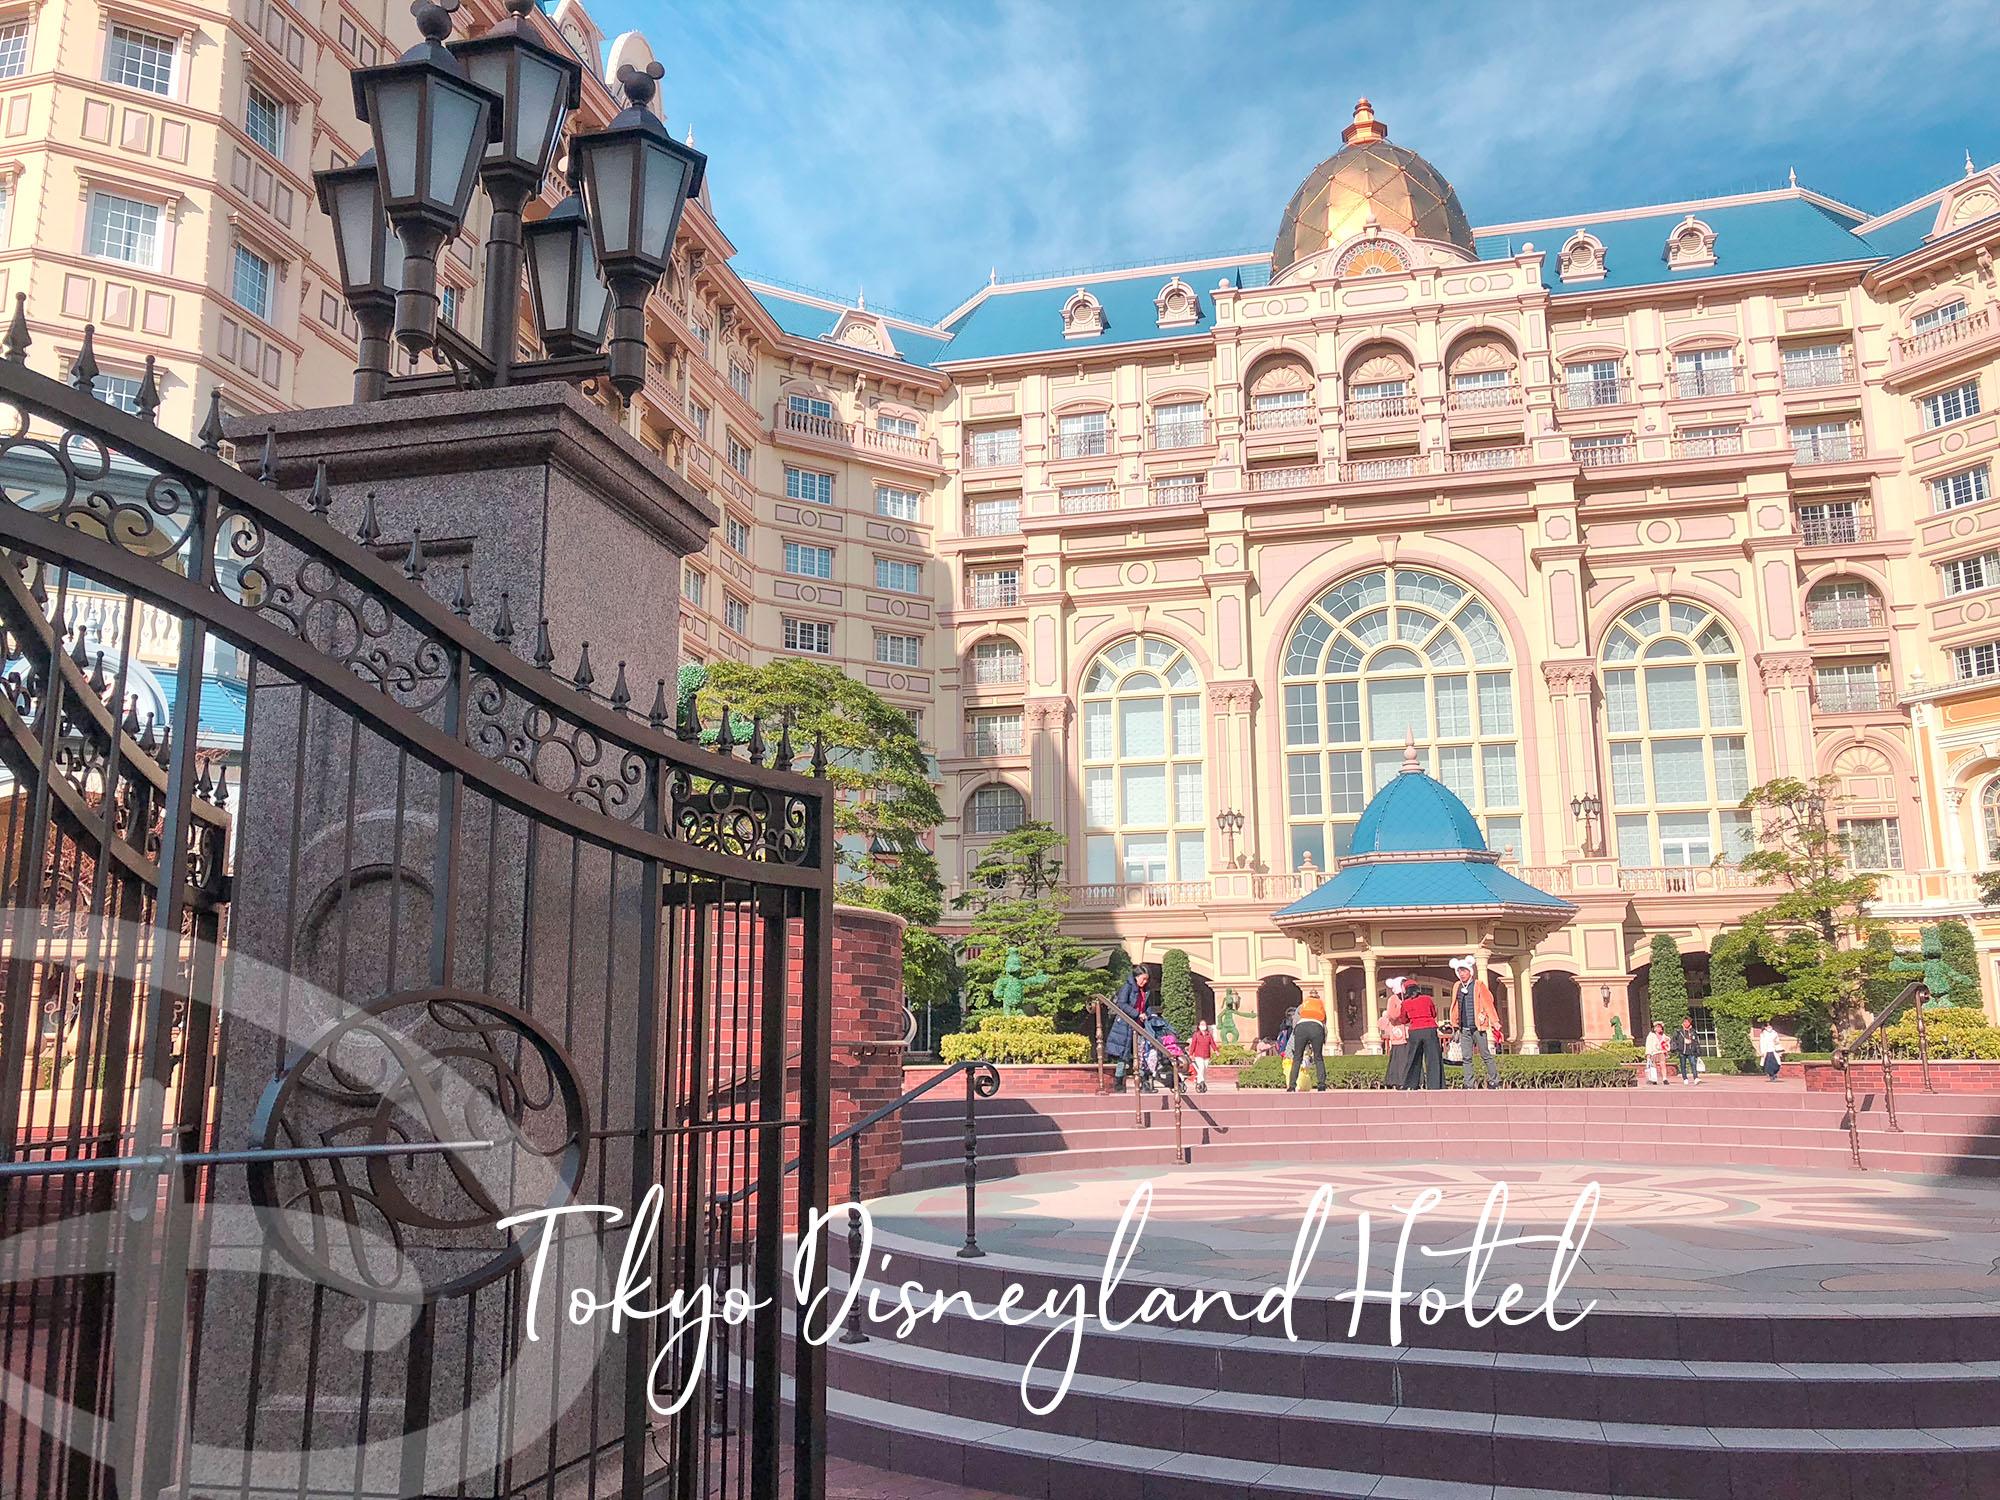 該不該住?東京迪士尼樂園飯店Tokyo Disneyland Hotel-3大必住原因?《美女與野獸》明星房的住宿心得!